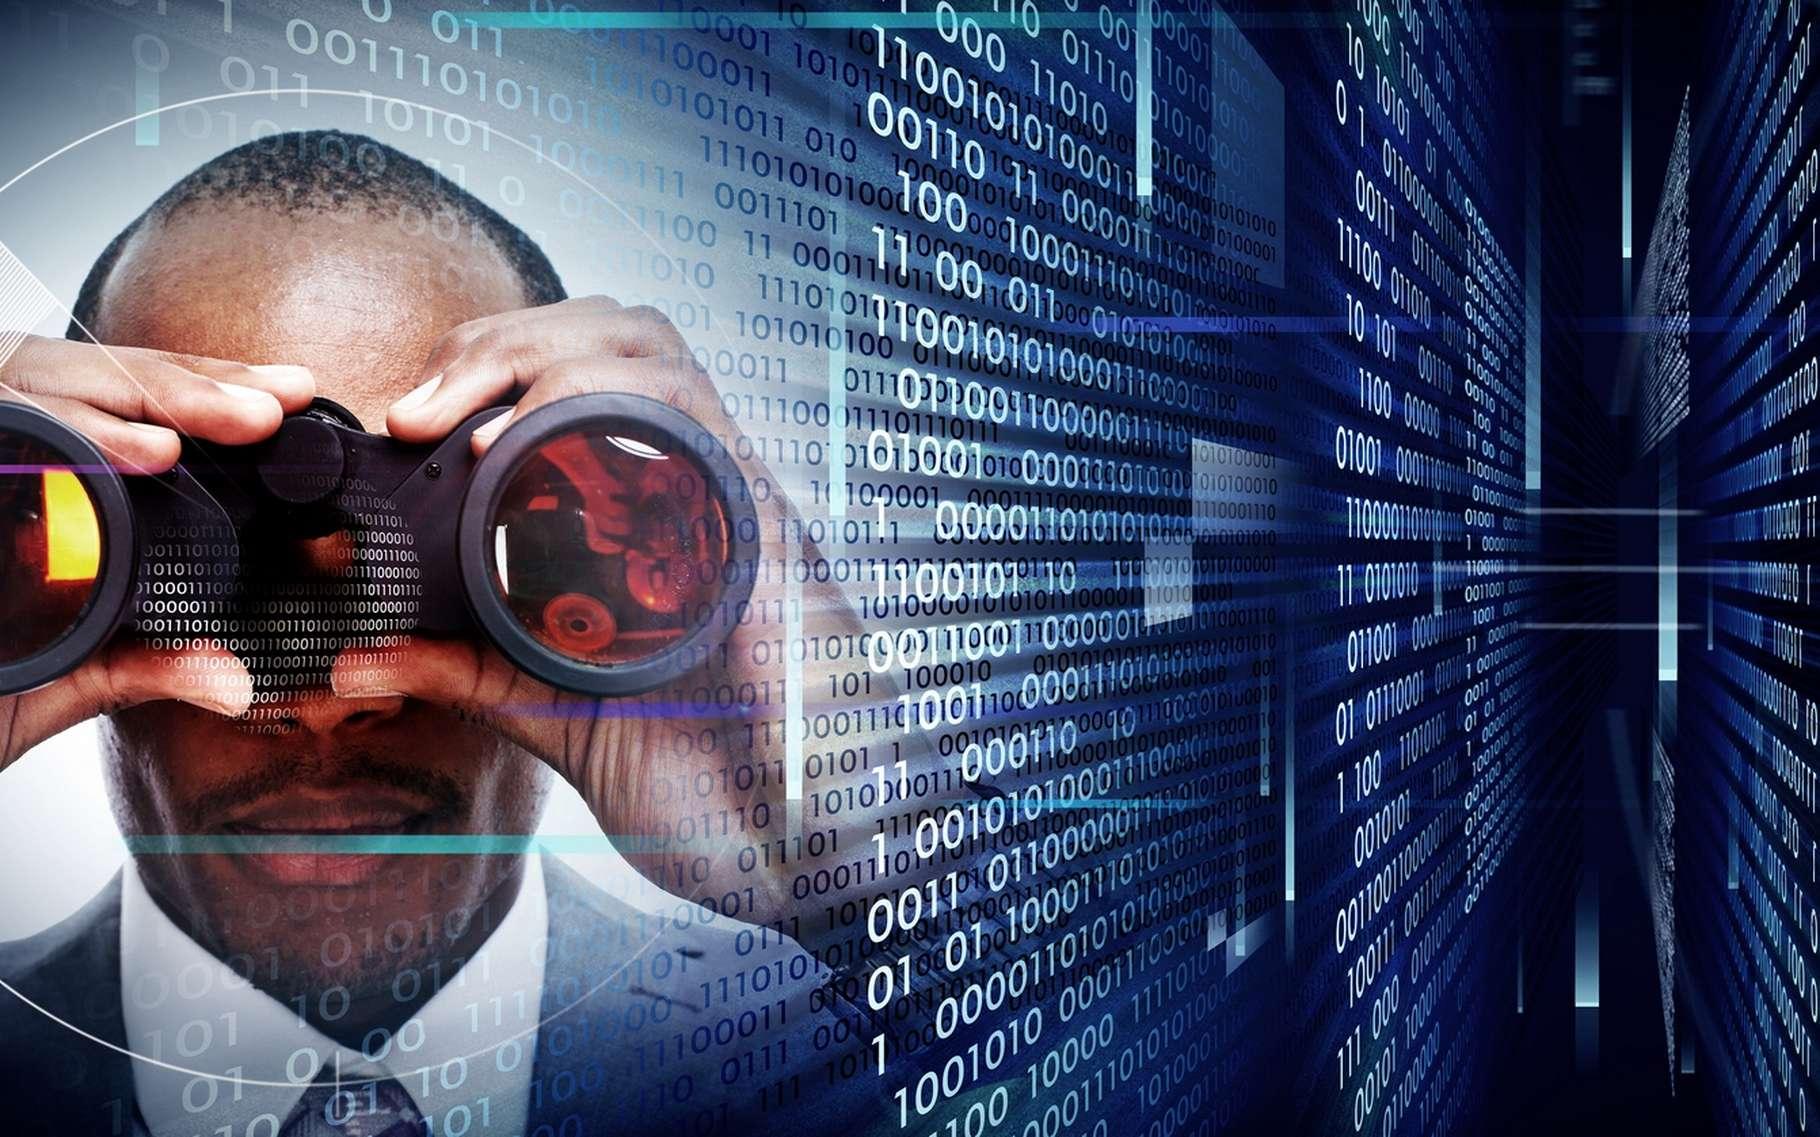 Des cyberattaques massives contre des grands sites Web sont désormais possibles en utilisant la puissance informatique répartie dans les myriades d'objets connectés qui se multiplient sur la planète. © Kurhan, Shutterstock